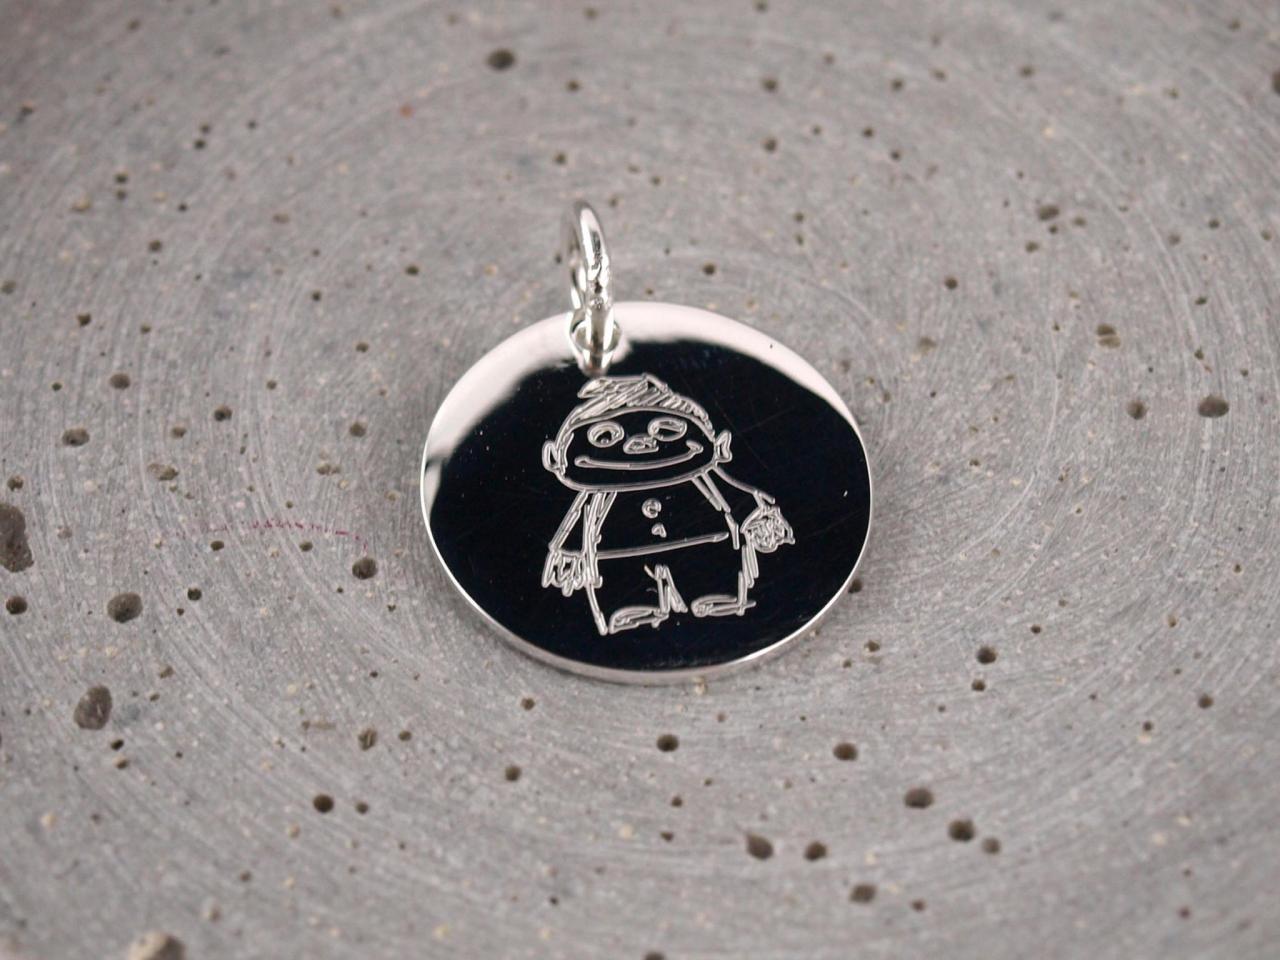 19mm Silber anhaenger mit Individueller Zeichnung